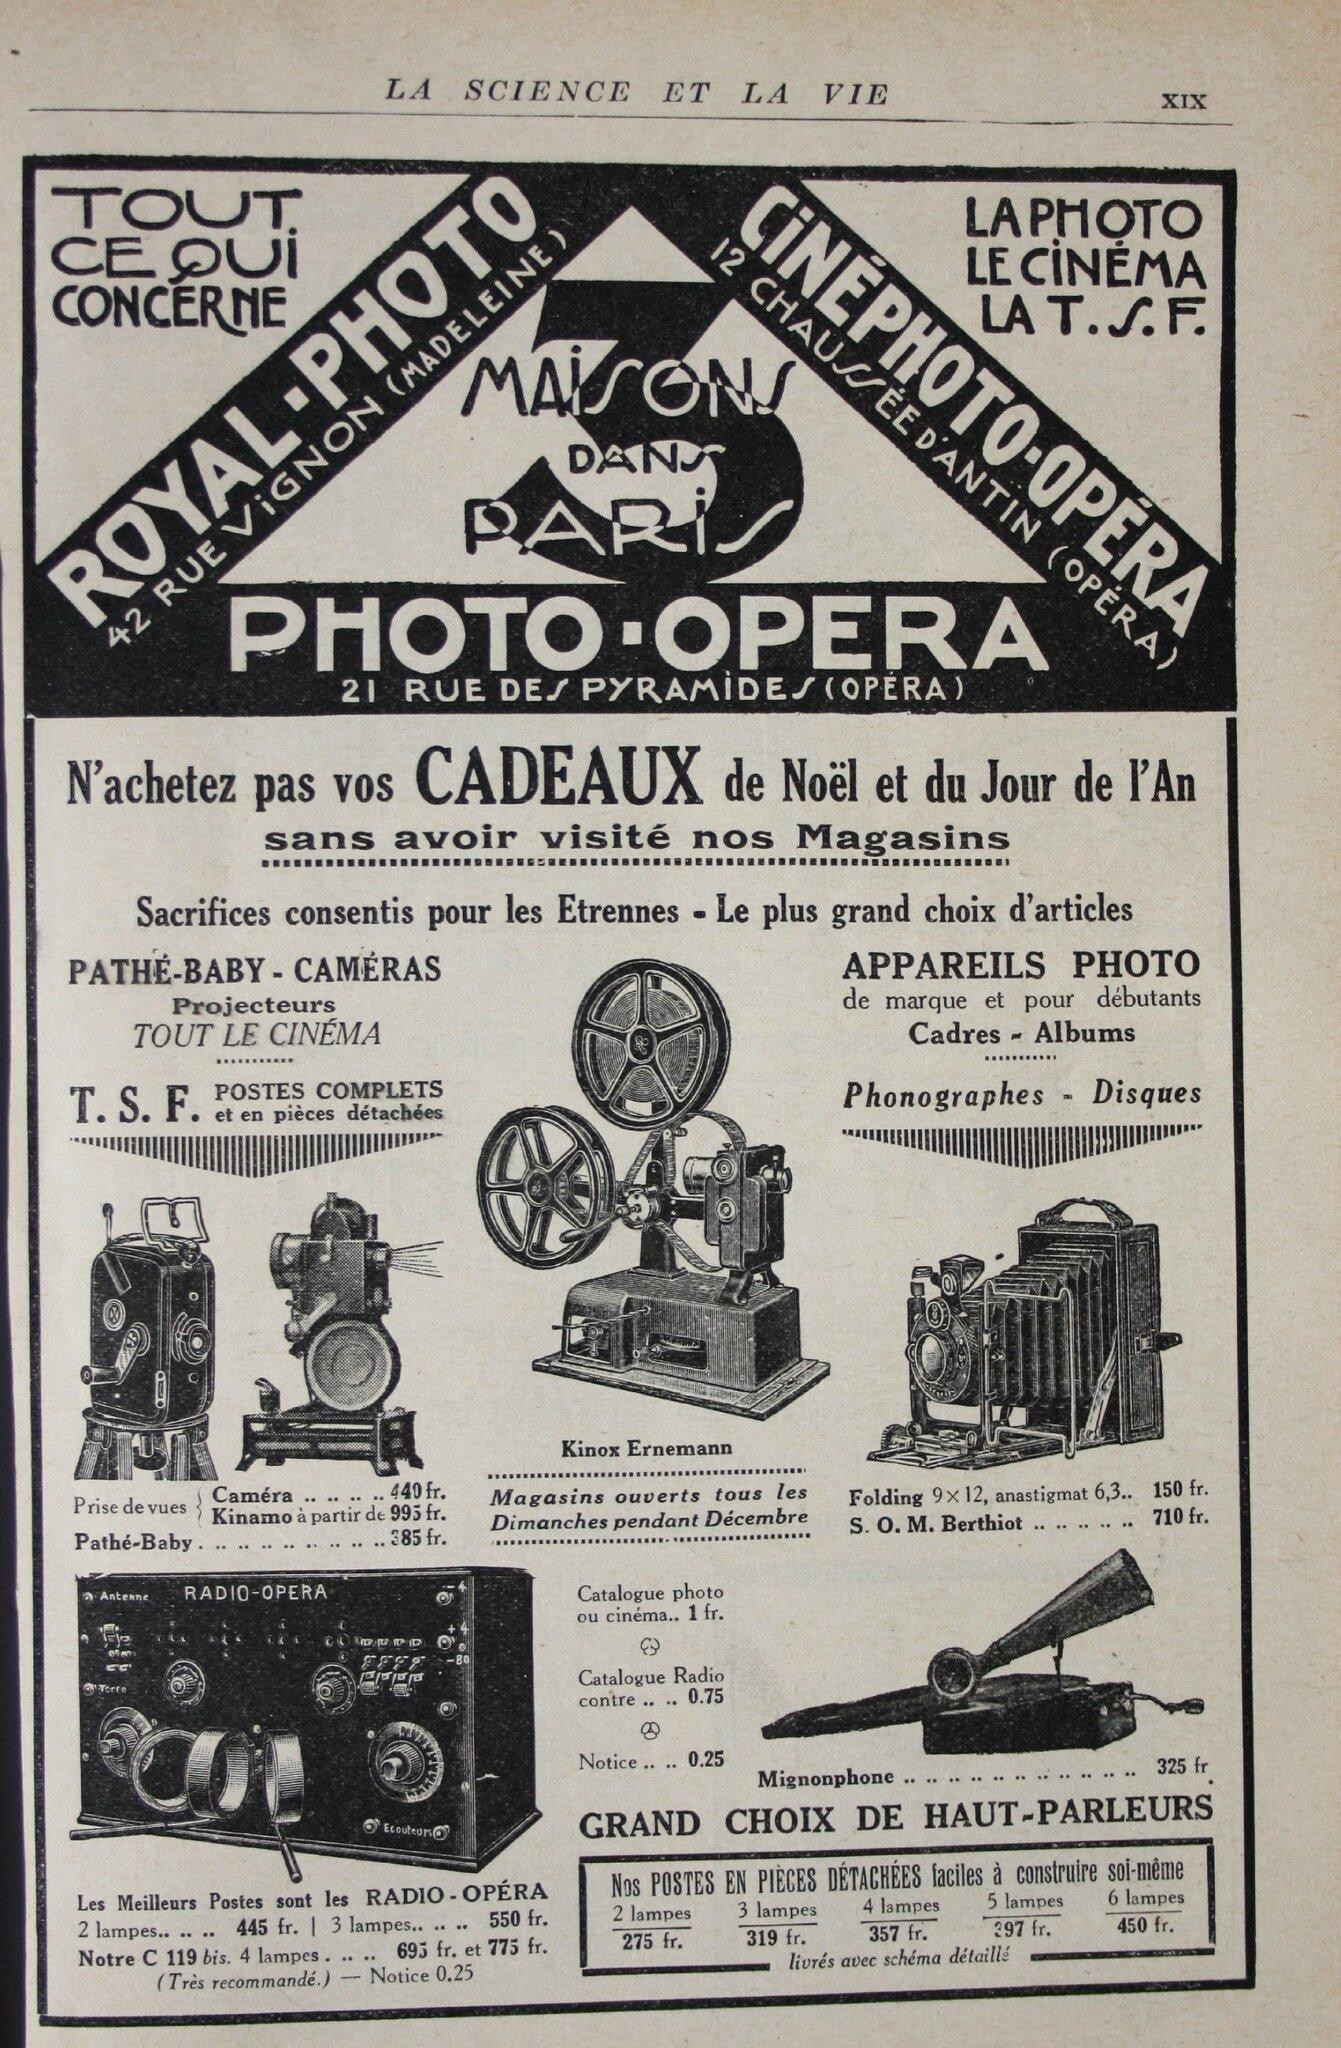 photo opera